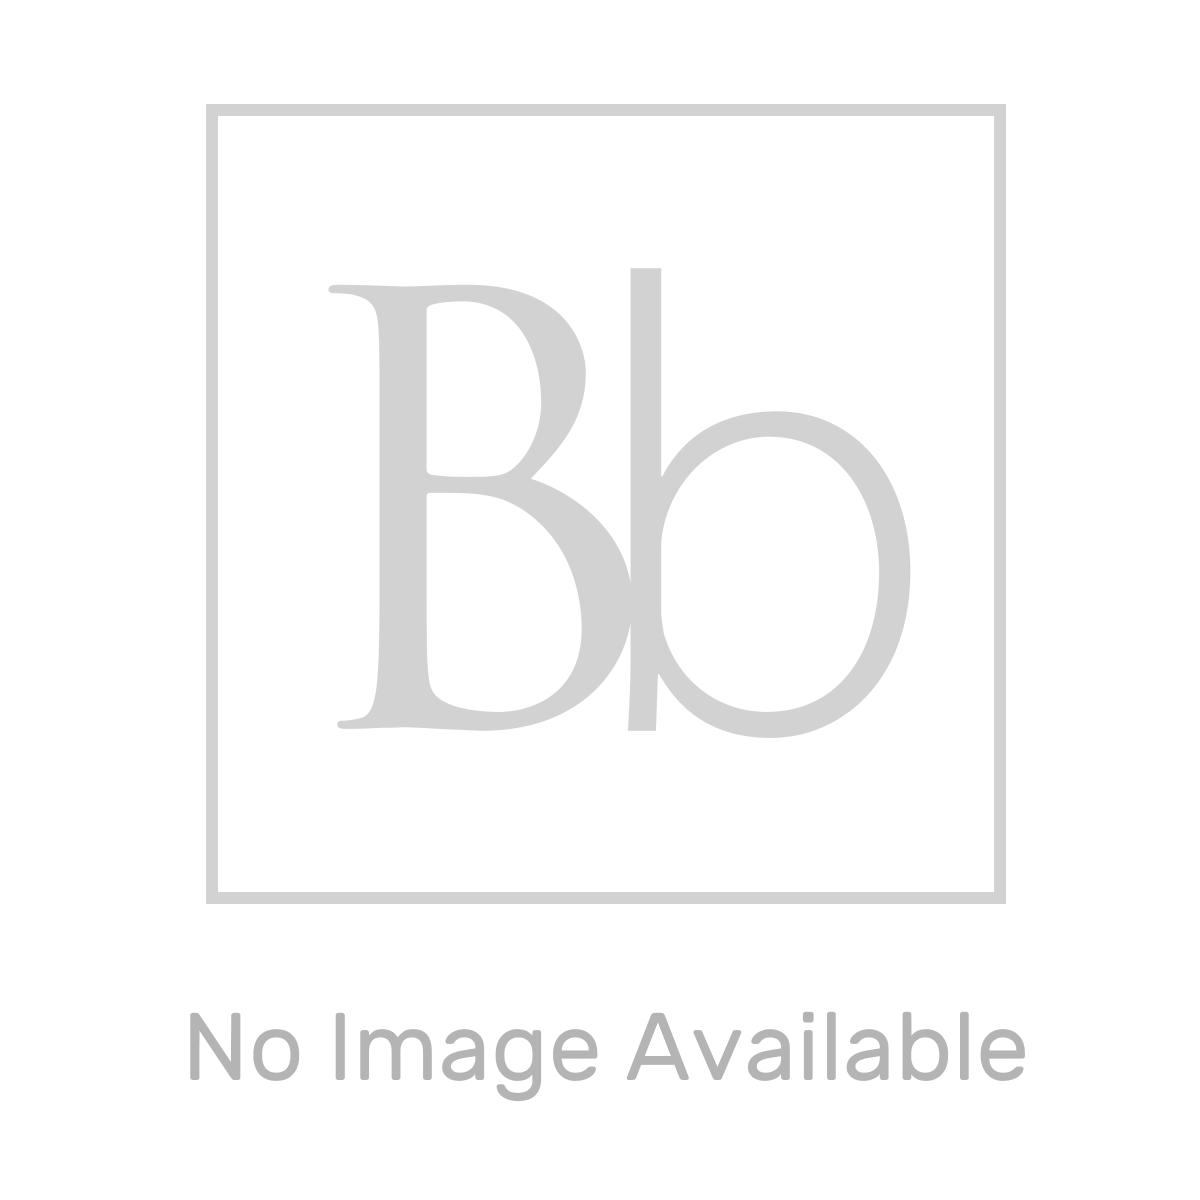 Croydex Severn Round Stainless Steel Bathroom Cabinet